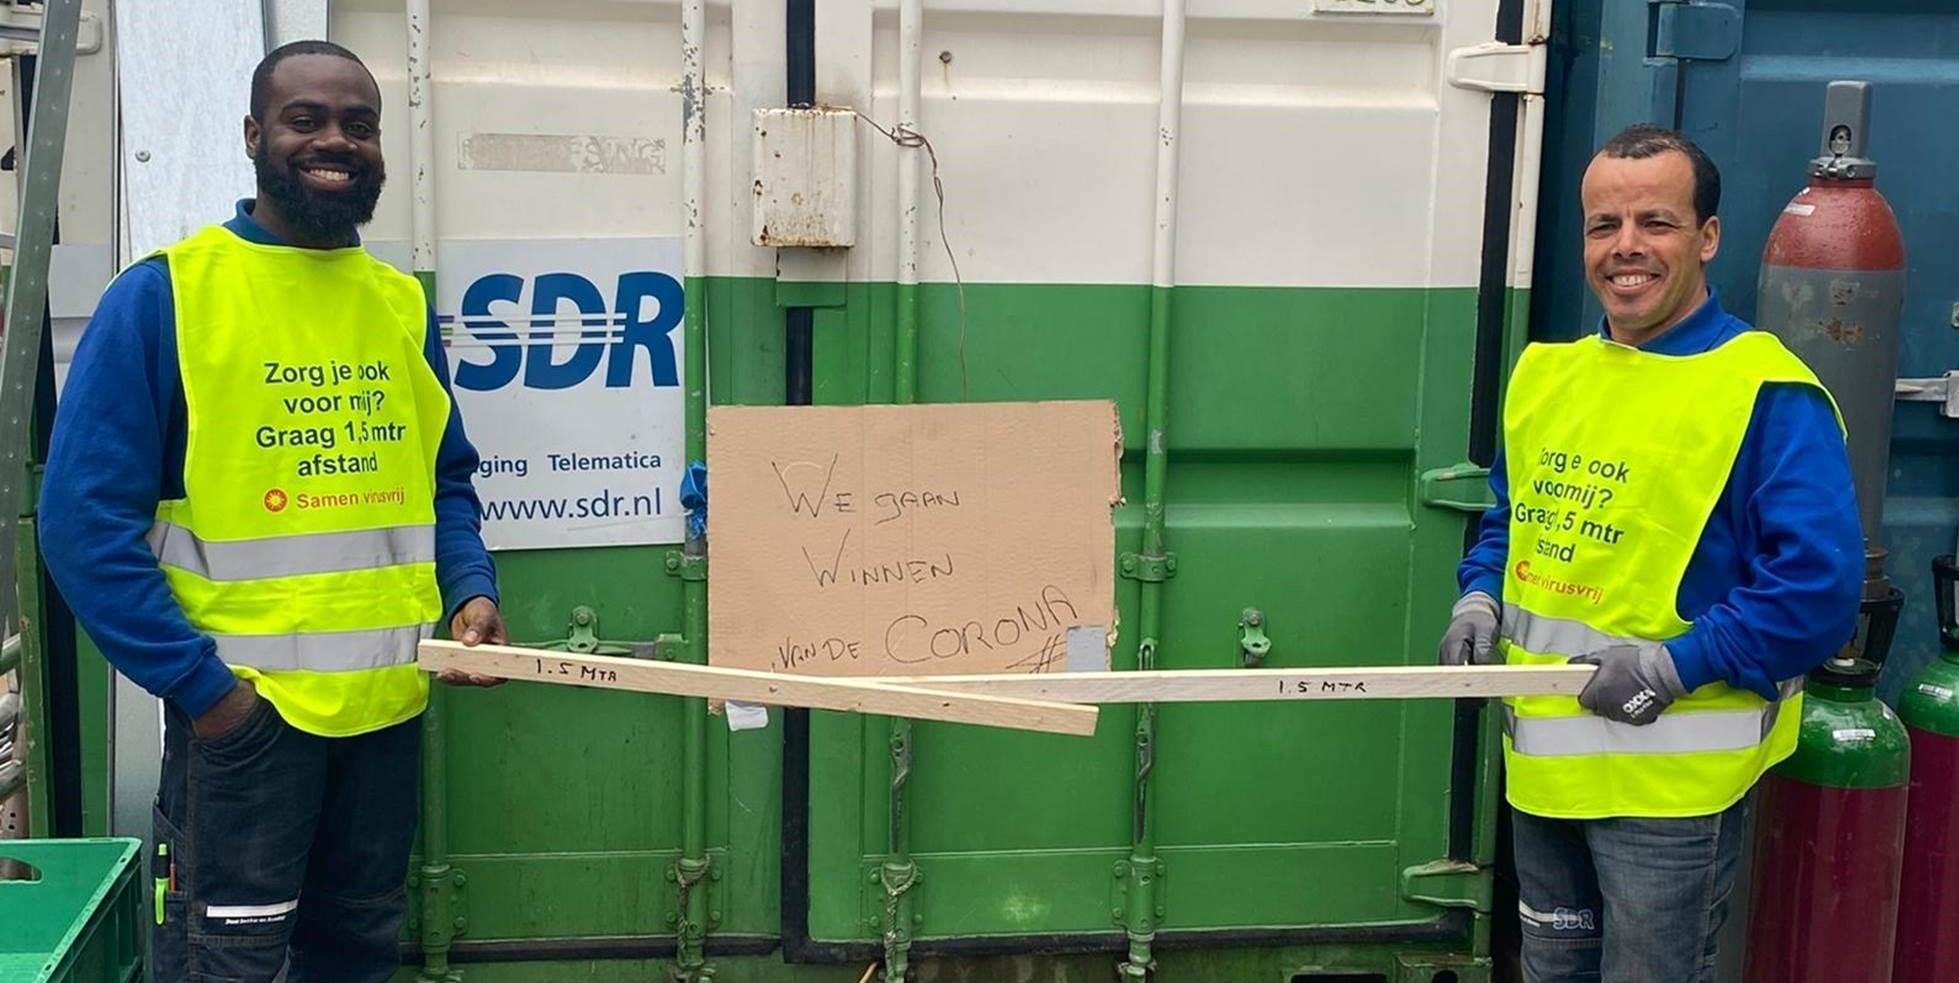 Hoe SDR verder werkt